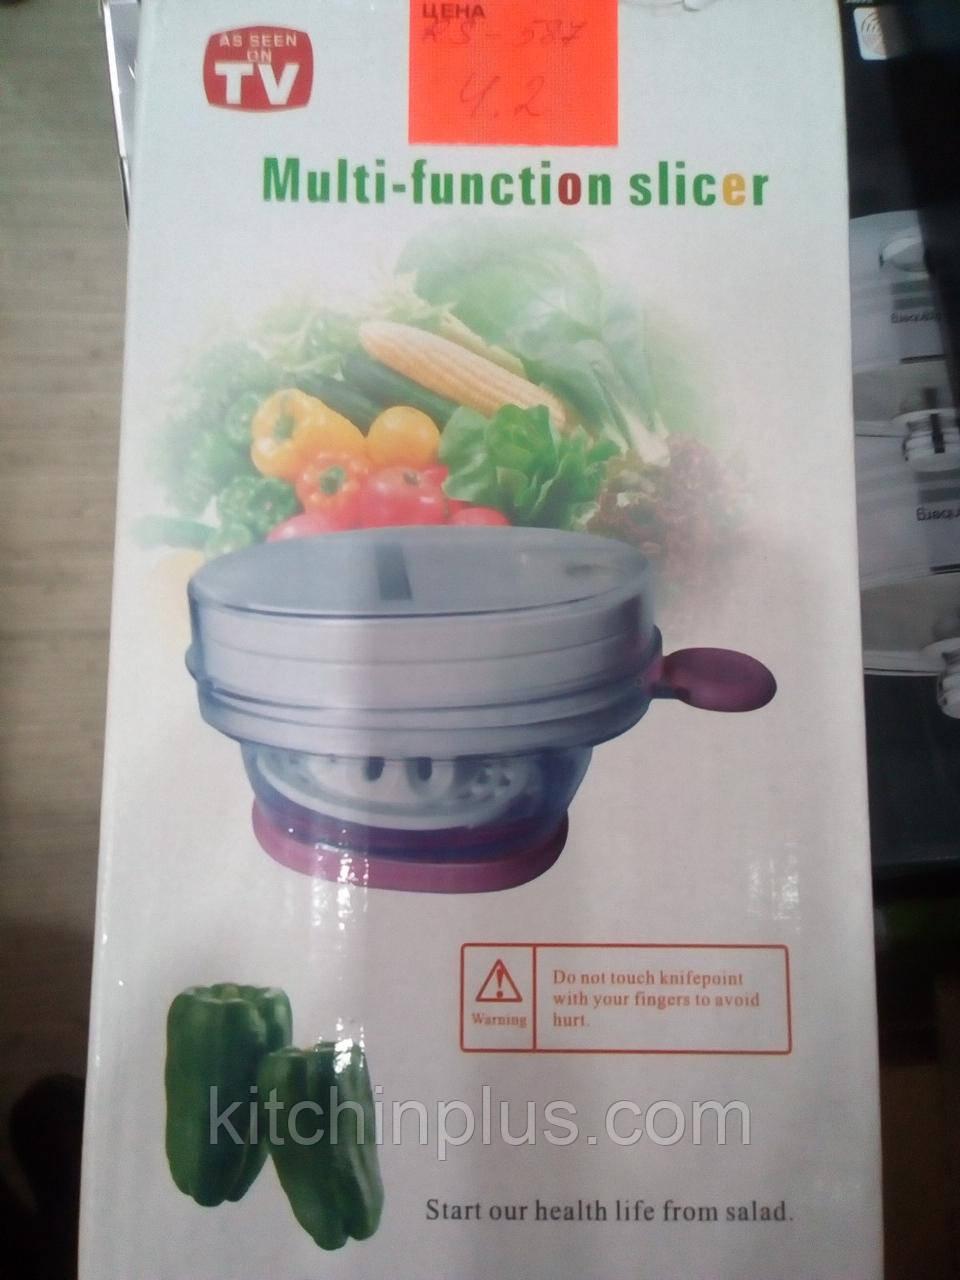 Багатофункціональна терка-овочерізка multi-function slicer RS-587